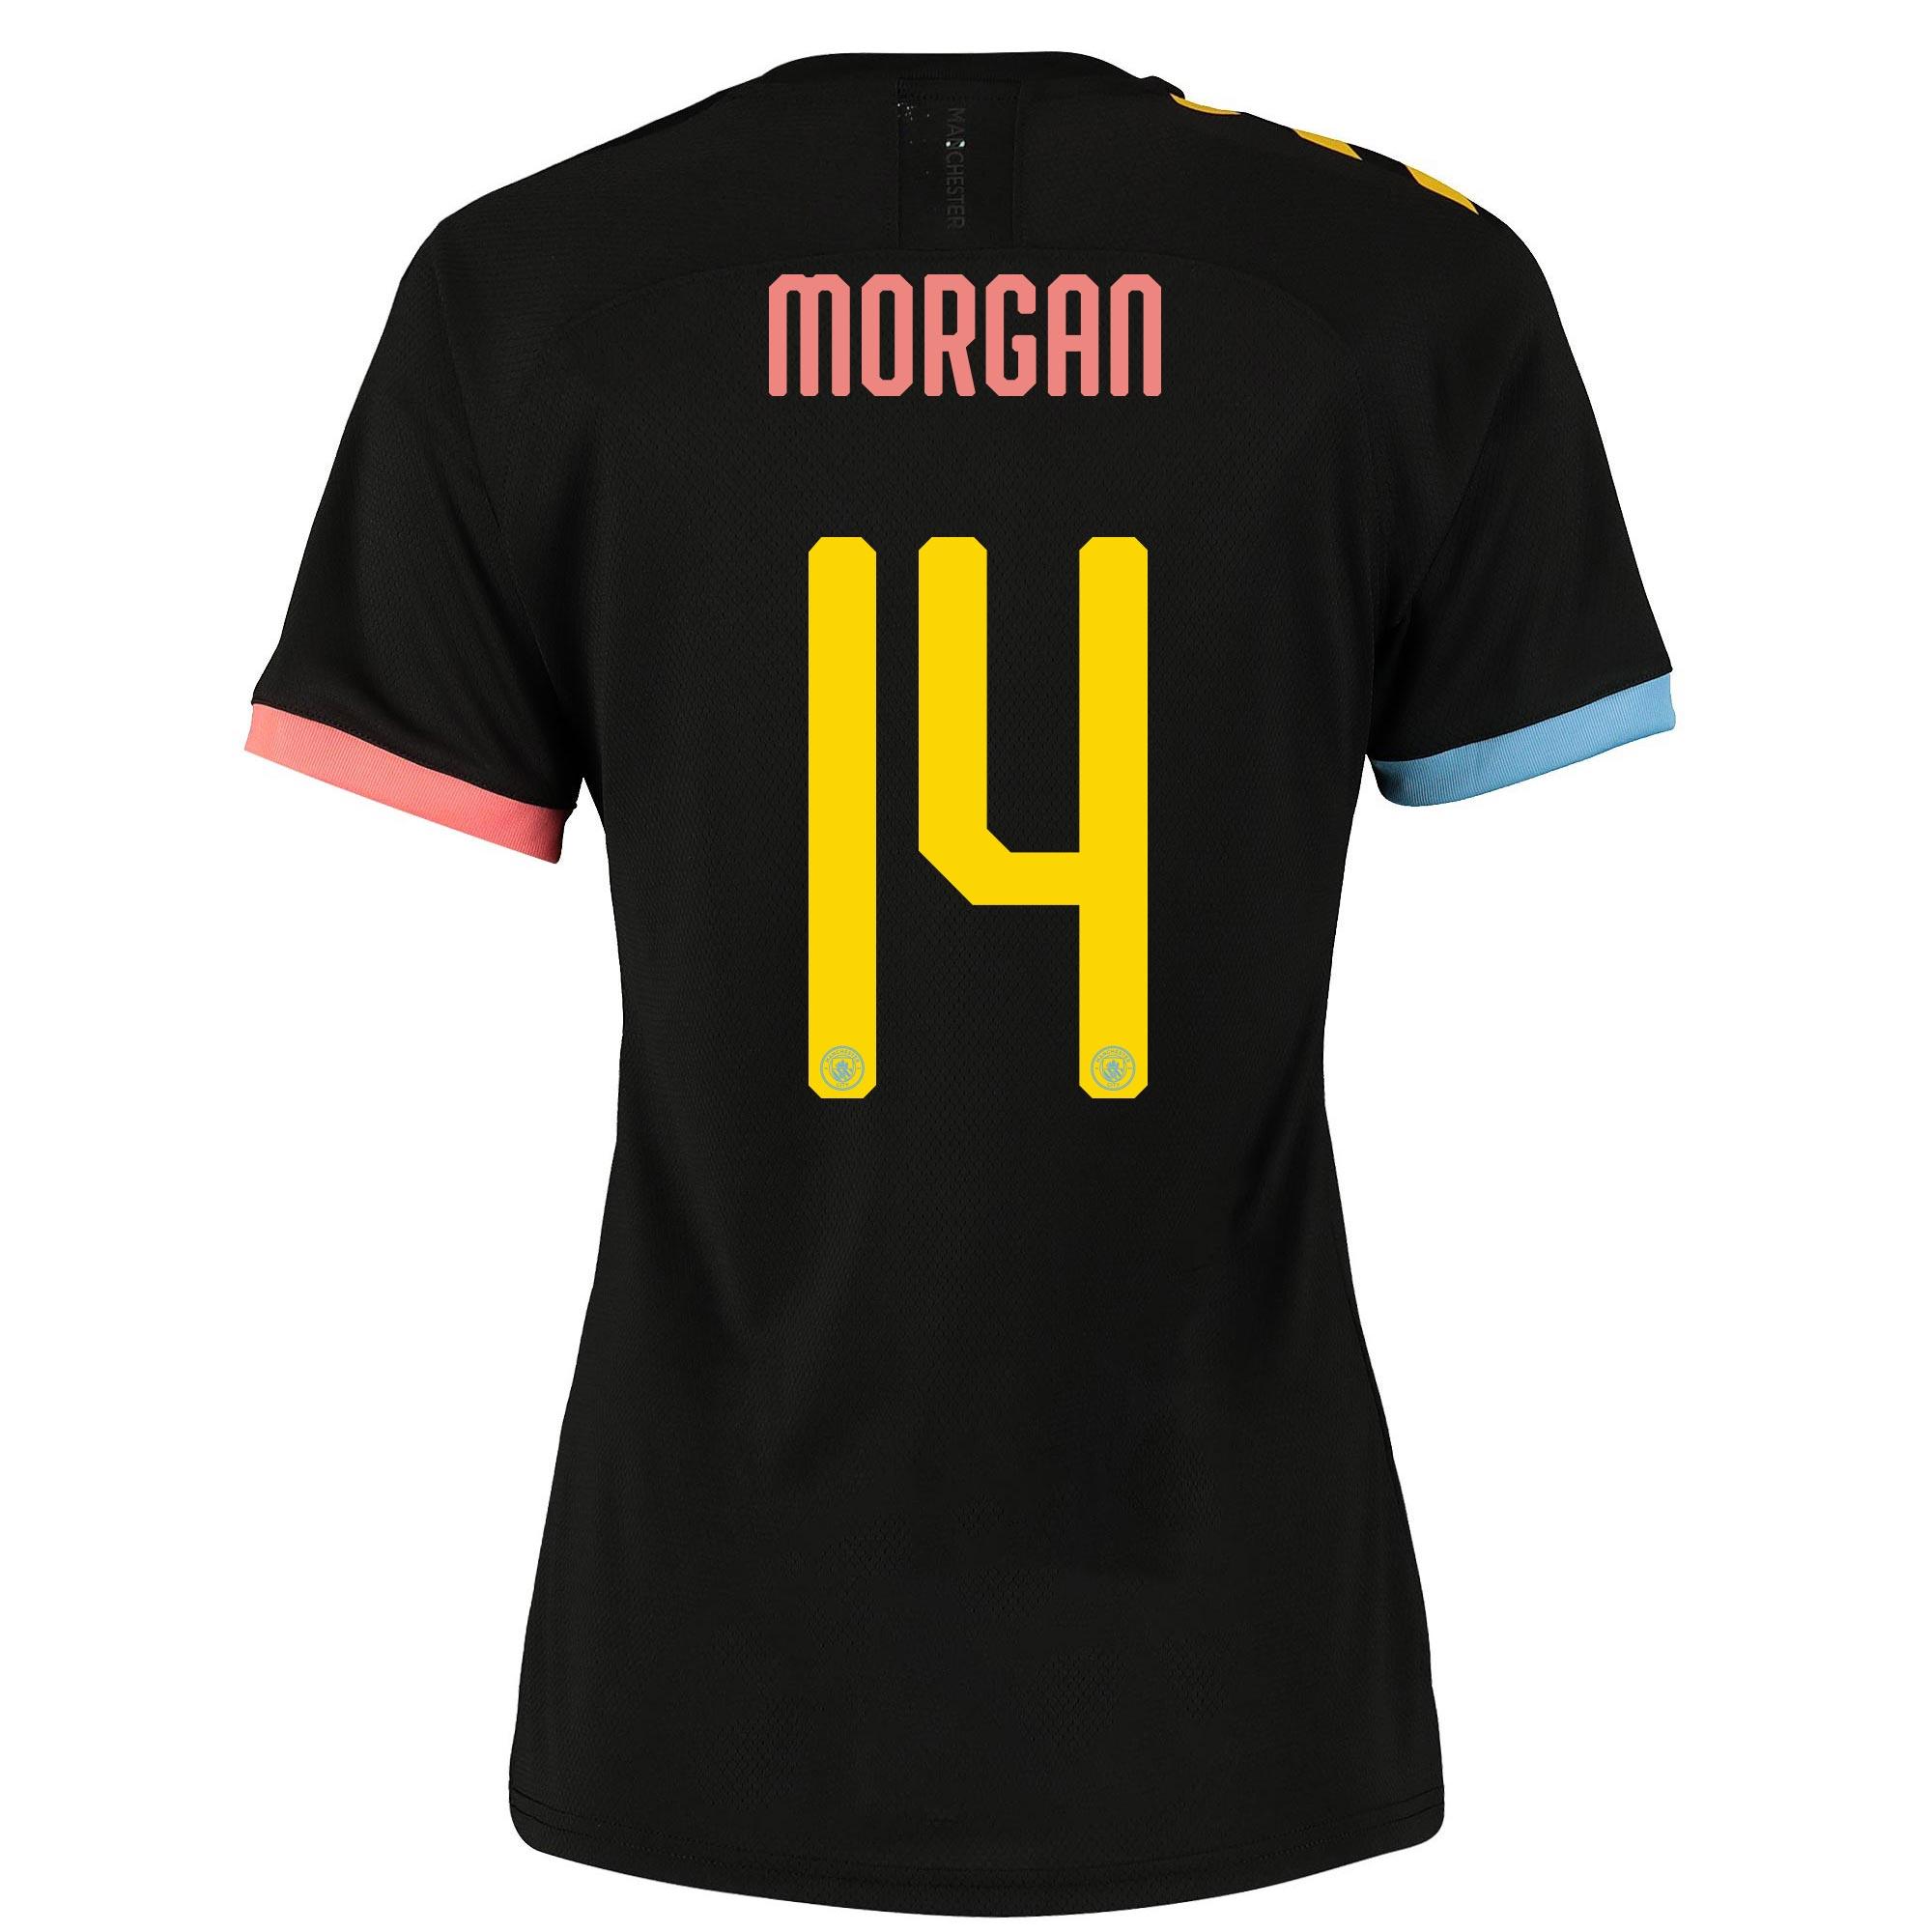 Camiseta Authentic de la 2.ª equipación del Manchester City Cup 2019-20 para mujer dorsal Morgan 14